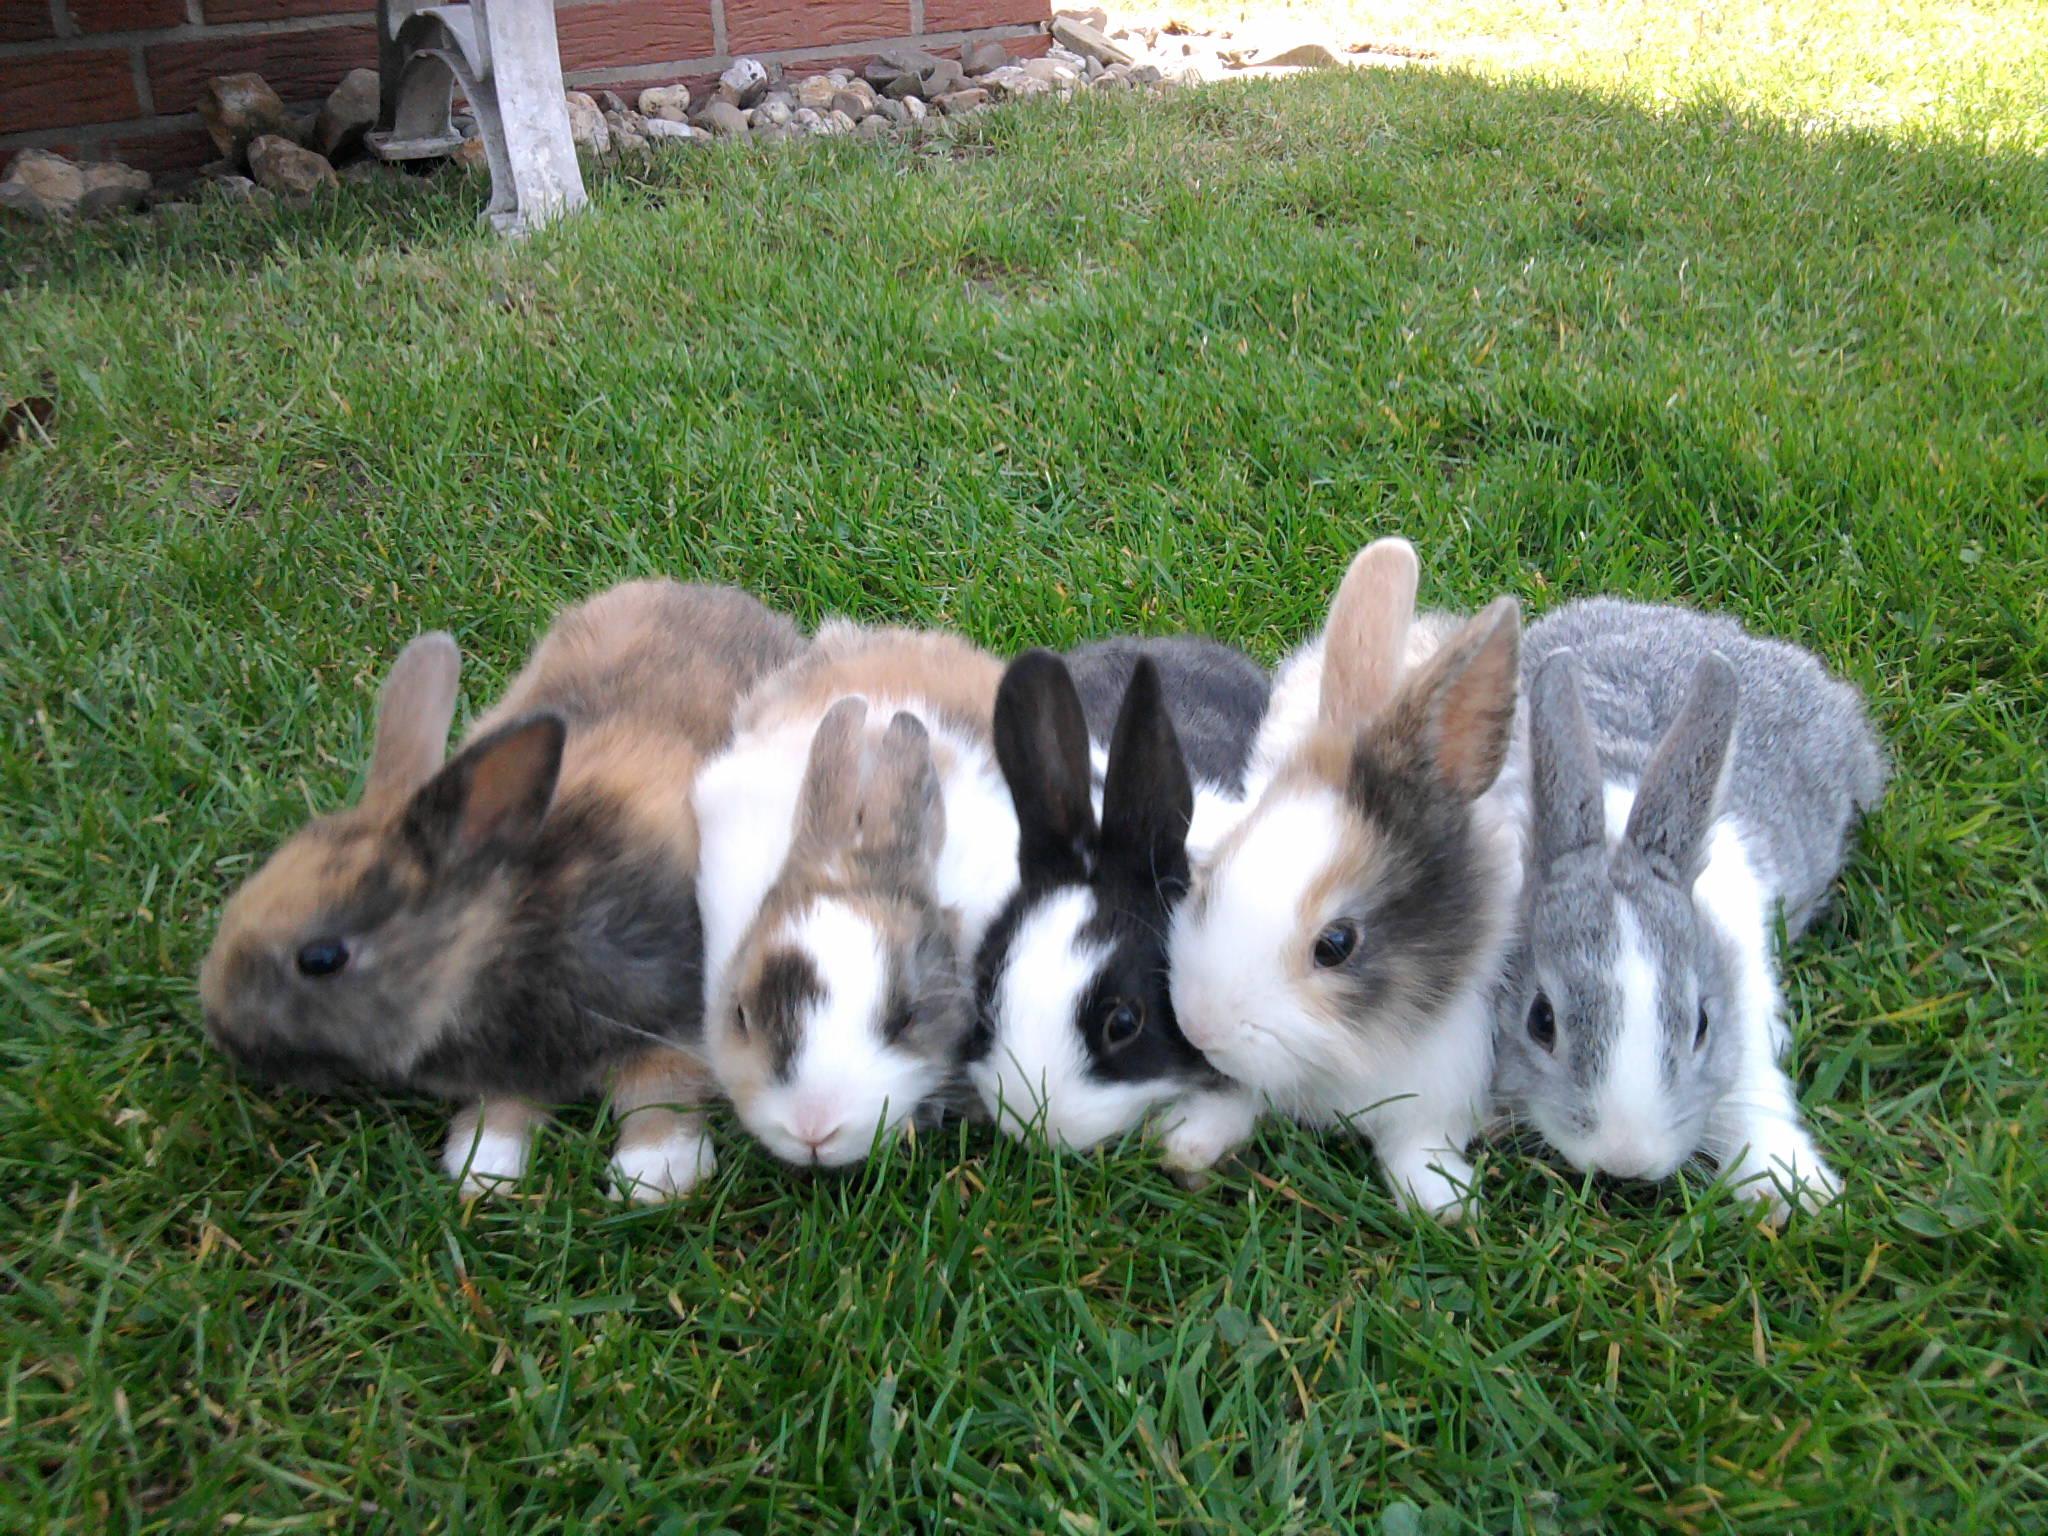 kleine s e baby kaninchen zu verkaufen in nordwalde tiere kleinanzeigen. Black Bedroom Furniture Sets. Home Design Ideas